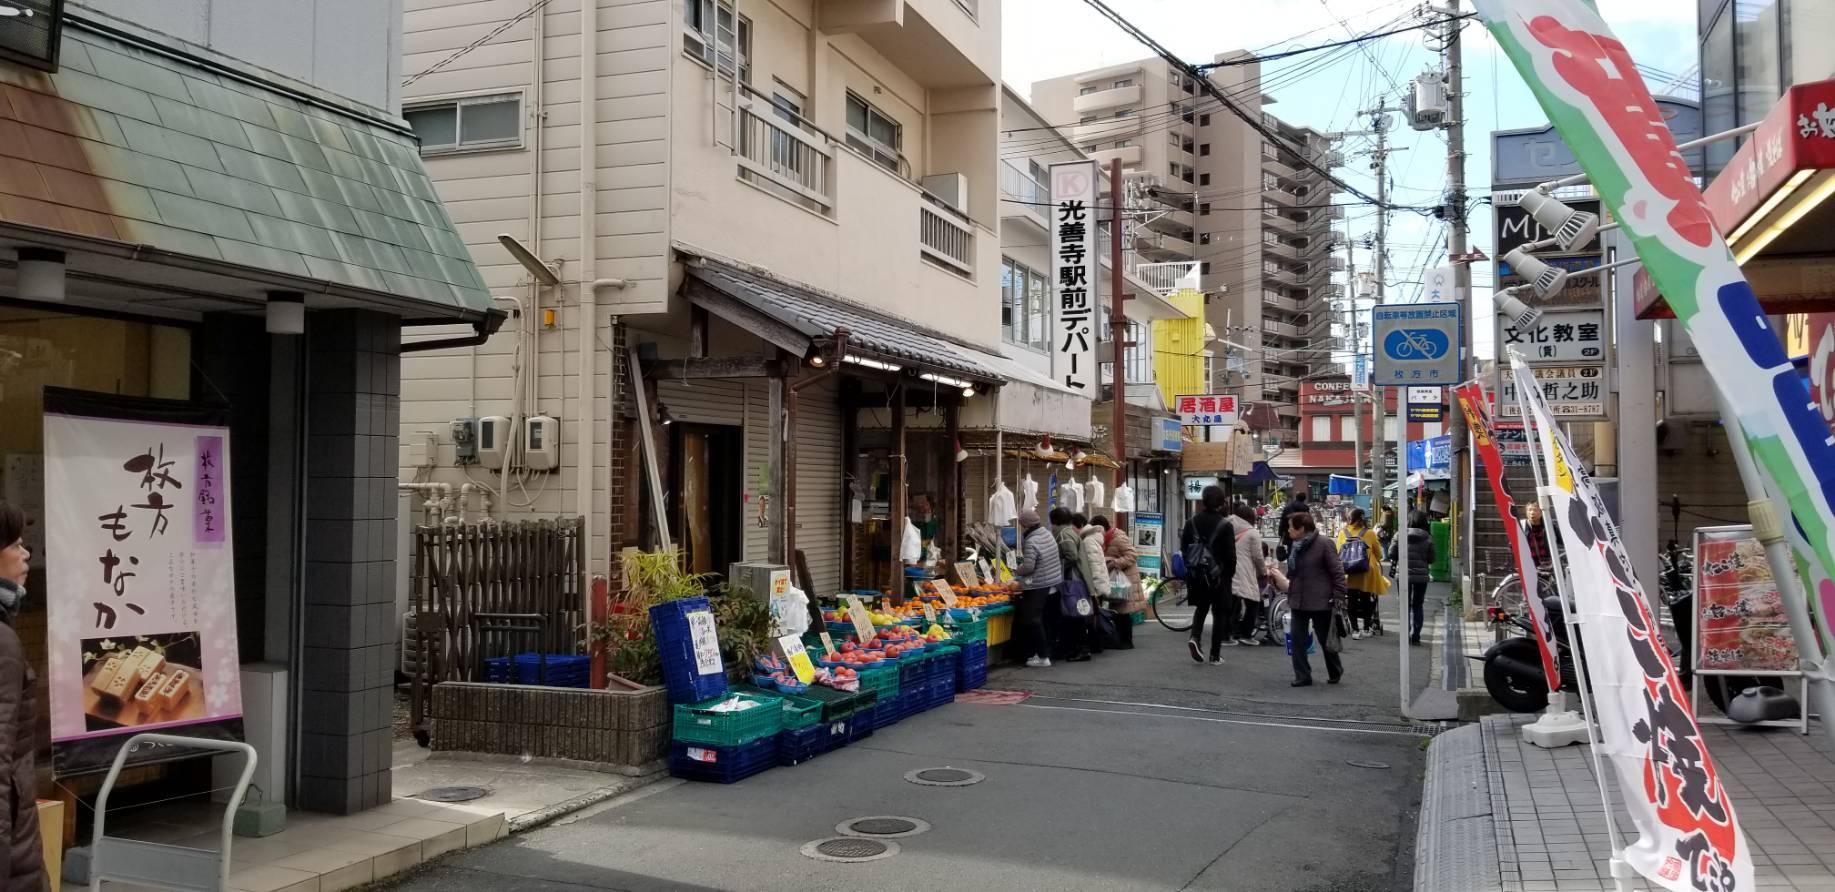 光善寺駅前 クメモト青果(光善寺/フルーツ)